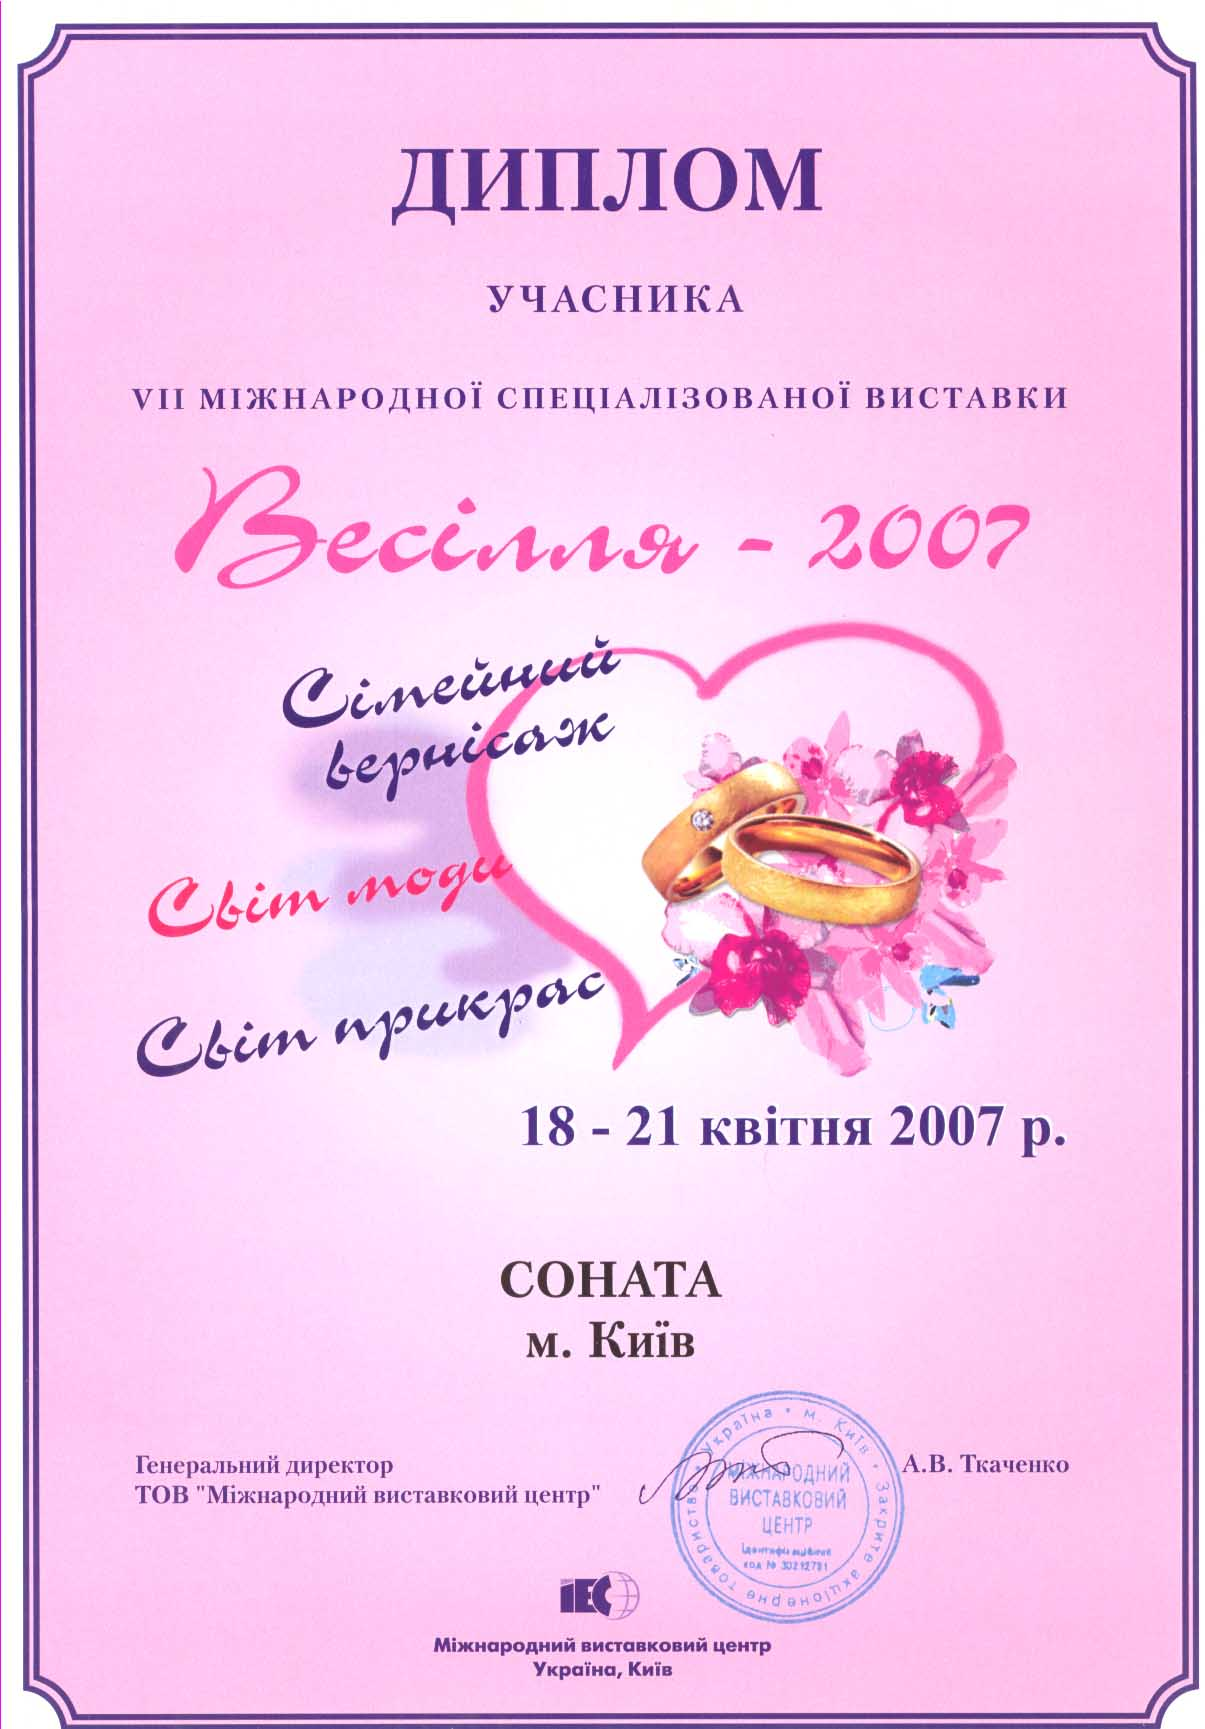 Диплом участника специализированной выставки Весілля-2007